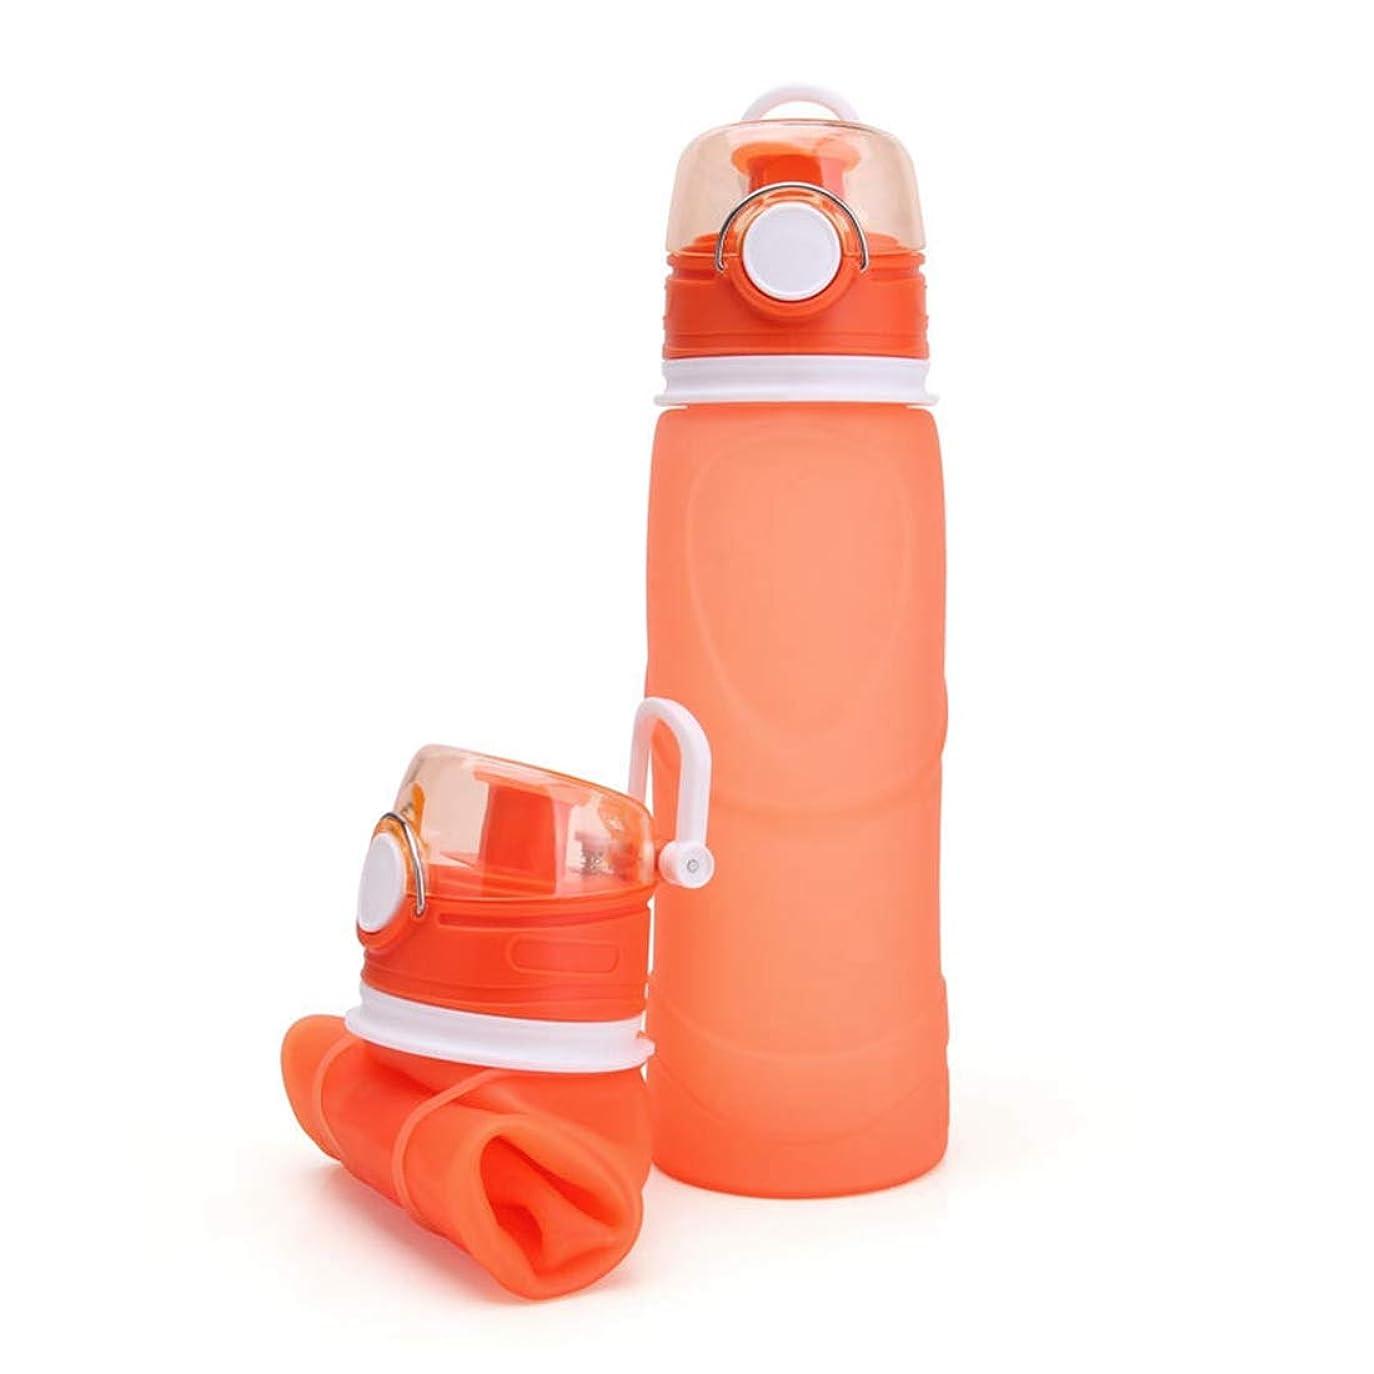 区別視聴者大洪水YIJUPIN アウトドアスポーツ旅行は折り畳むことができますシリコンウォーターバッグ便利な旅行ウォーターカップ(750ミリリットル) (色 : オレンジ)